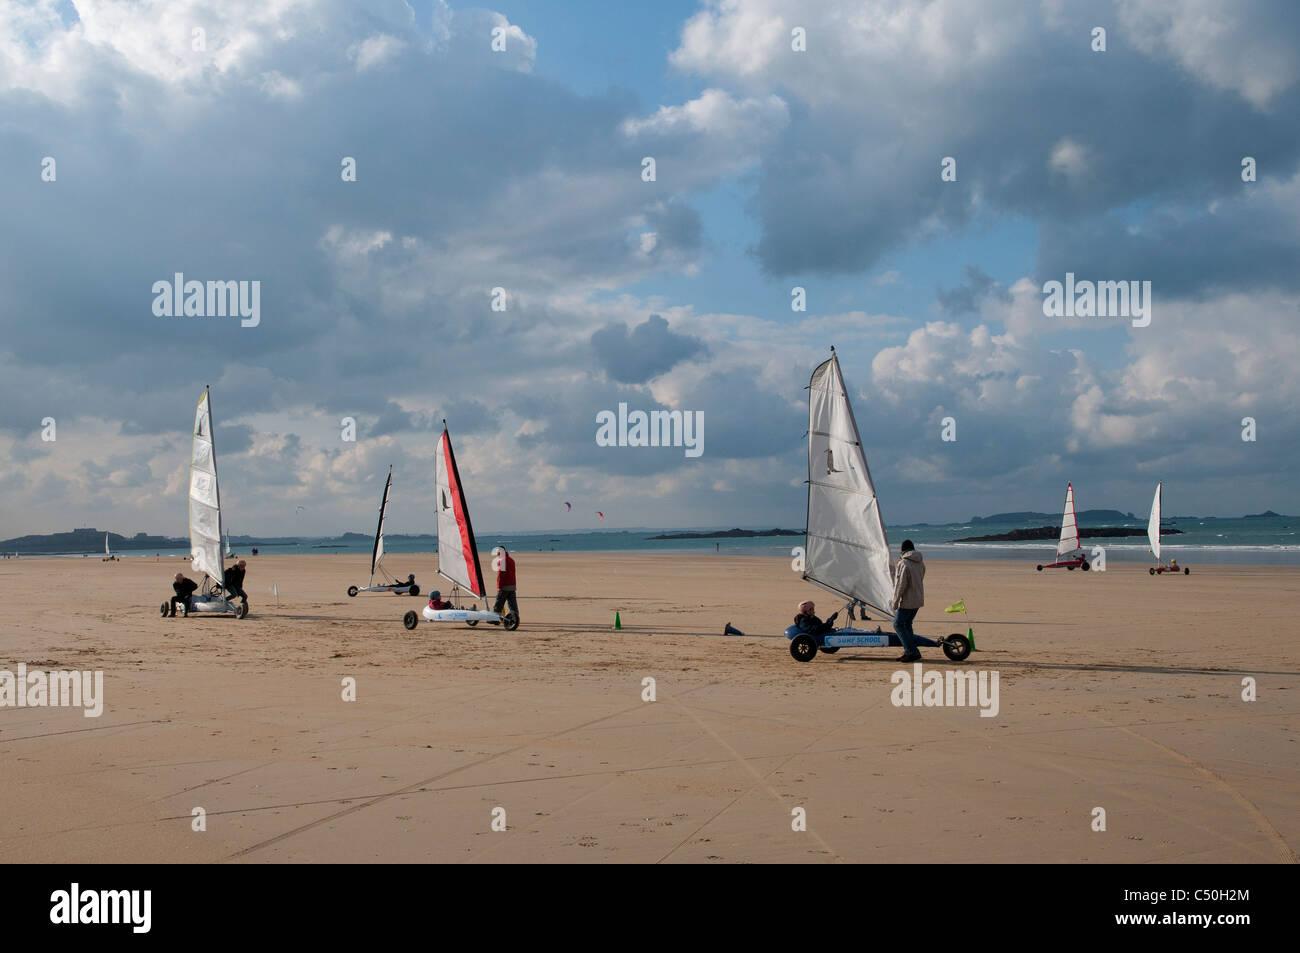 Chars A Voile Sur La Plage De Sable De Saint Malo Landcraft On The Stock Photo Alamy